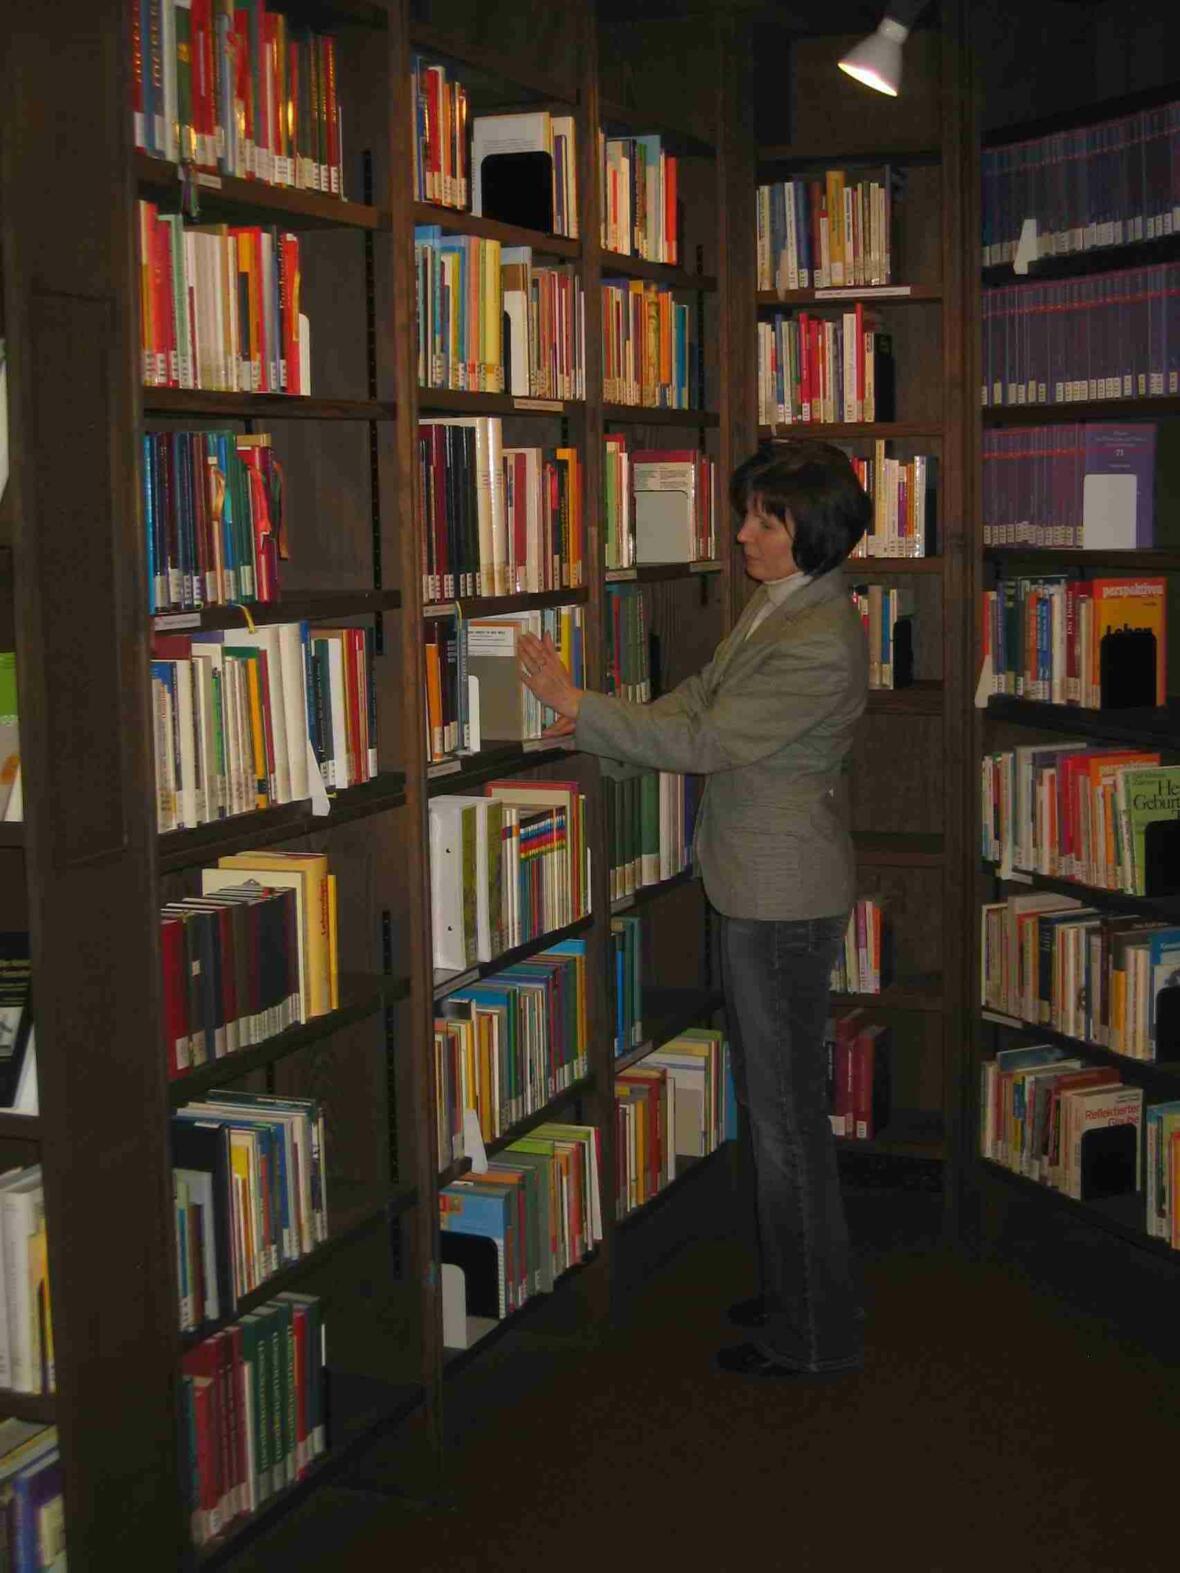 Bibliothek heute jpg